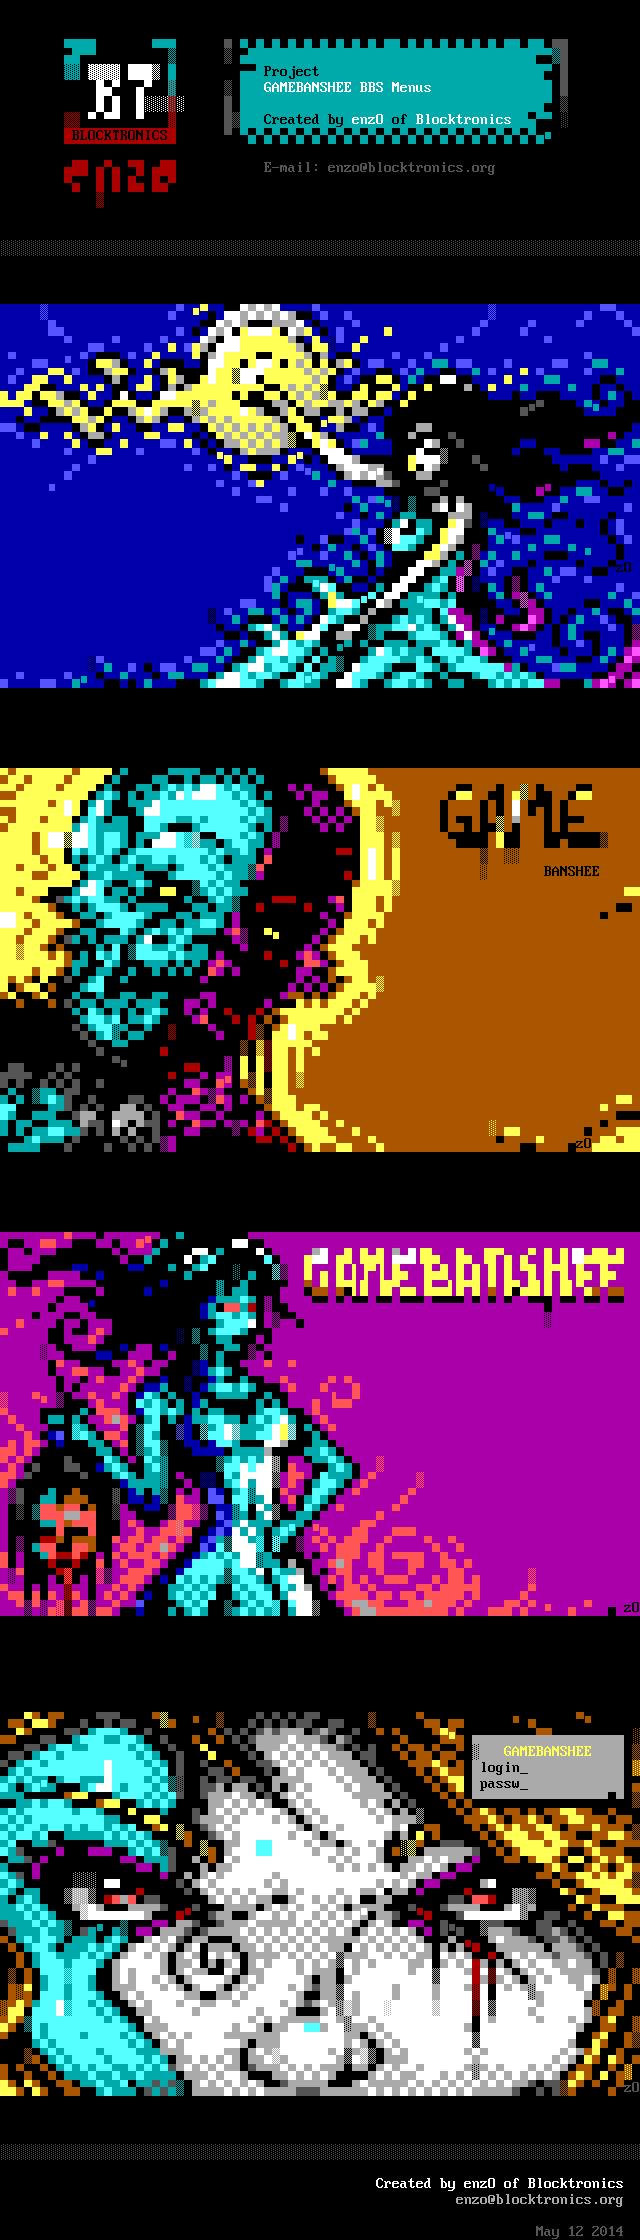 zO-gameBanshee